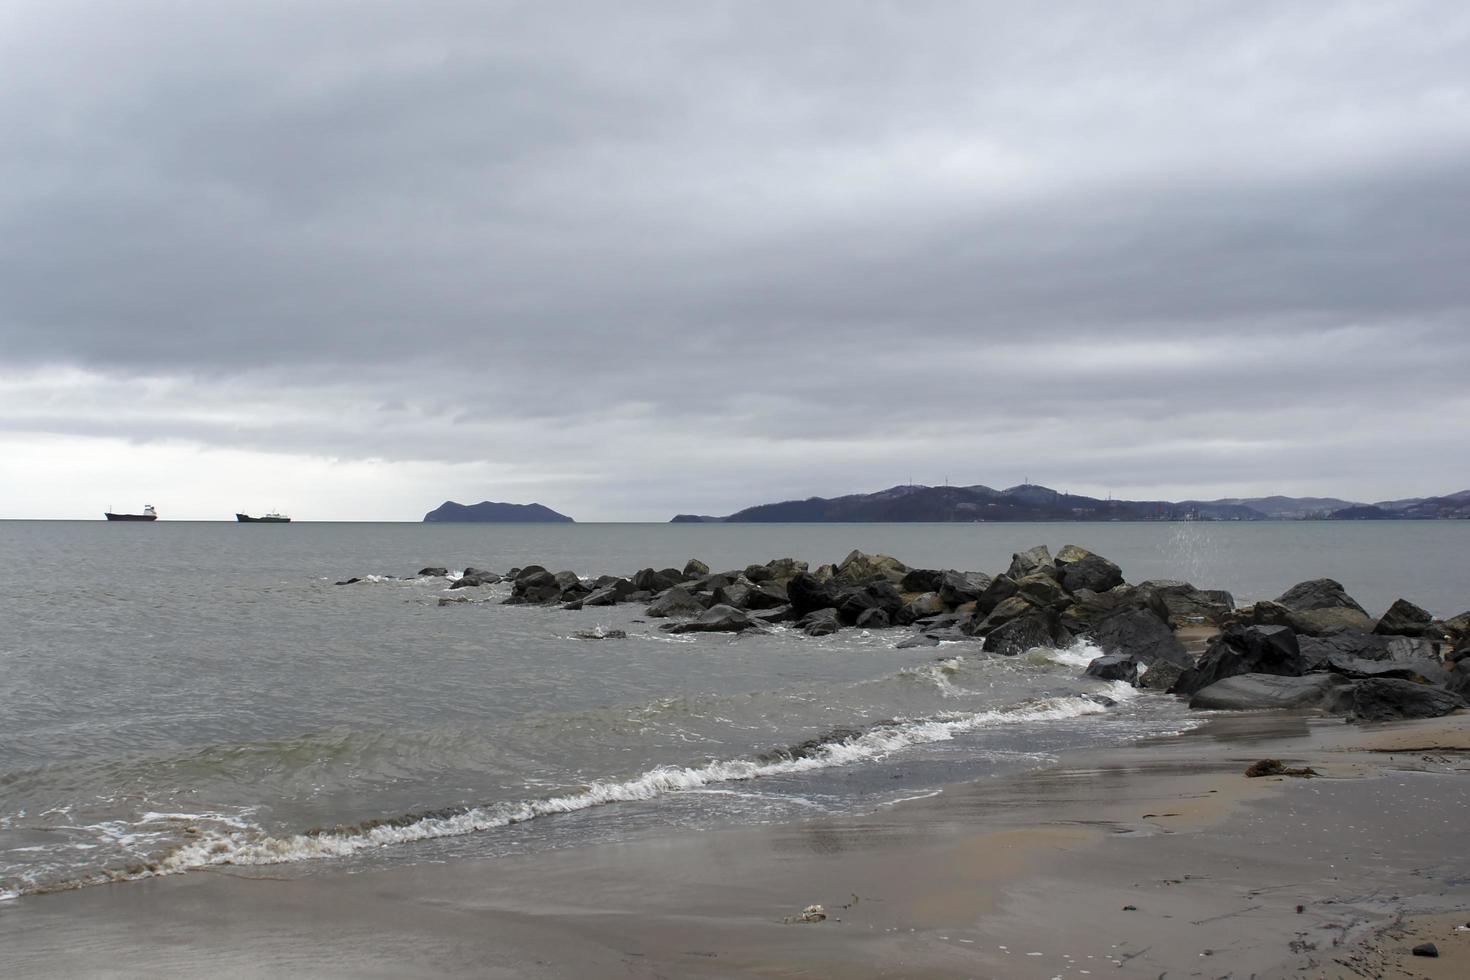 vista do mar em tempo nublado com céu dramático. foto